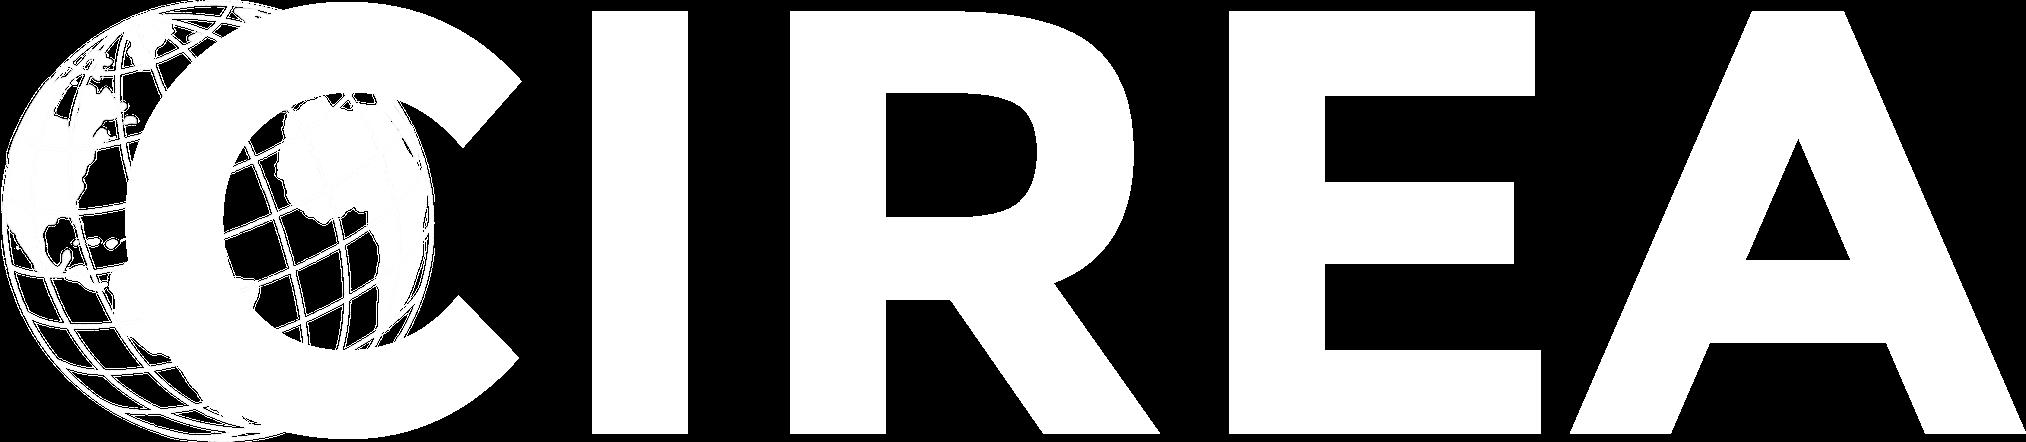 CIREA Logo White.png